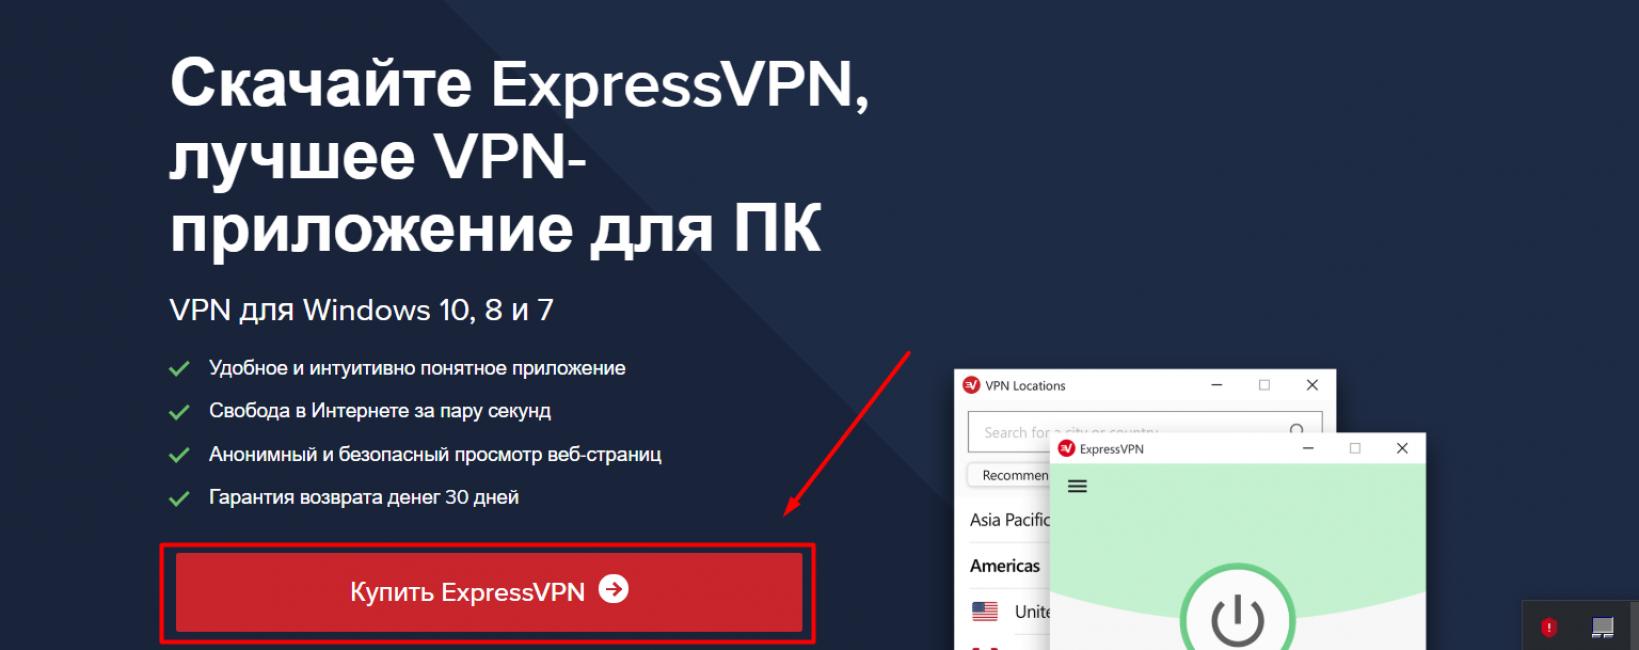 Как установить VPN на Windows